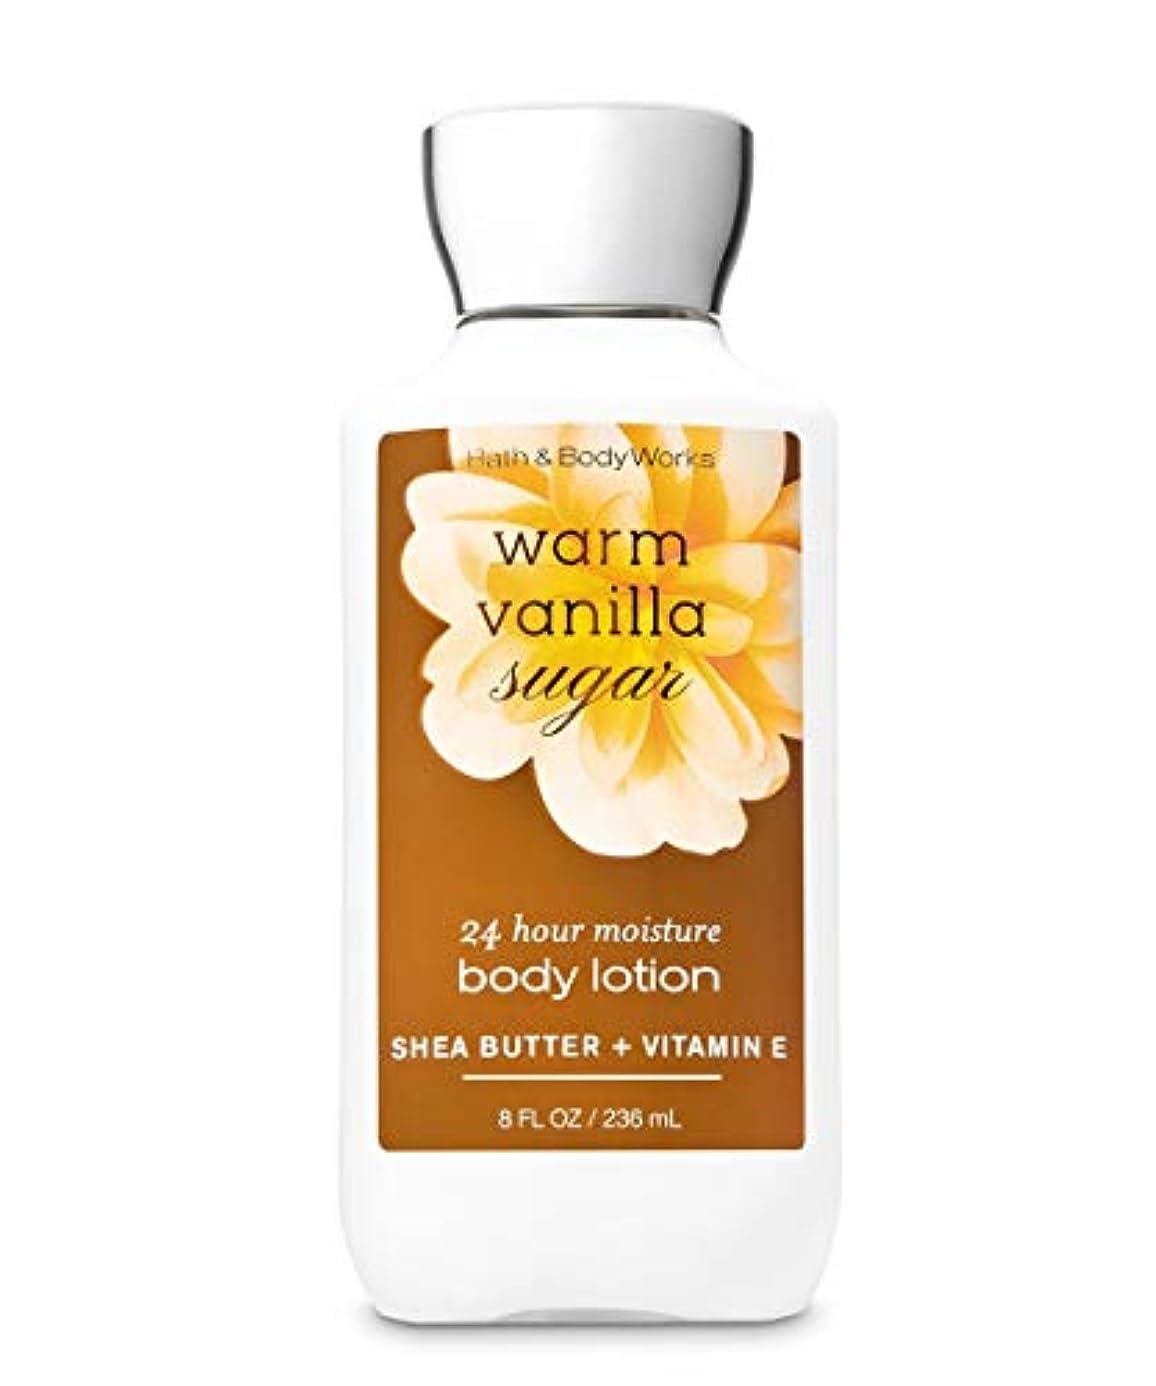 アンタゴニスト水分きゅうりバス&ボディワークス ウォームバニラシュガー ボディローション 236ml(8oz) Body Lotion Warm Vanilla Sugar【並行輸入品】